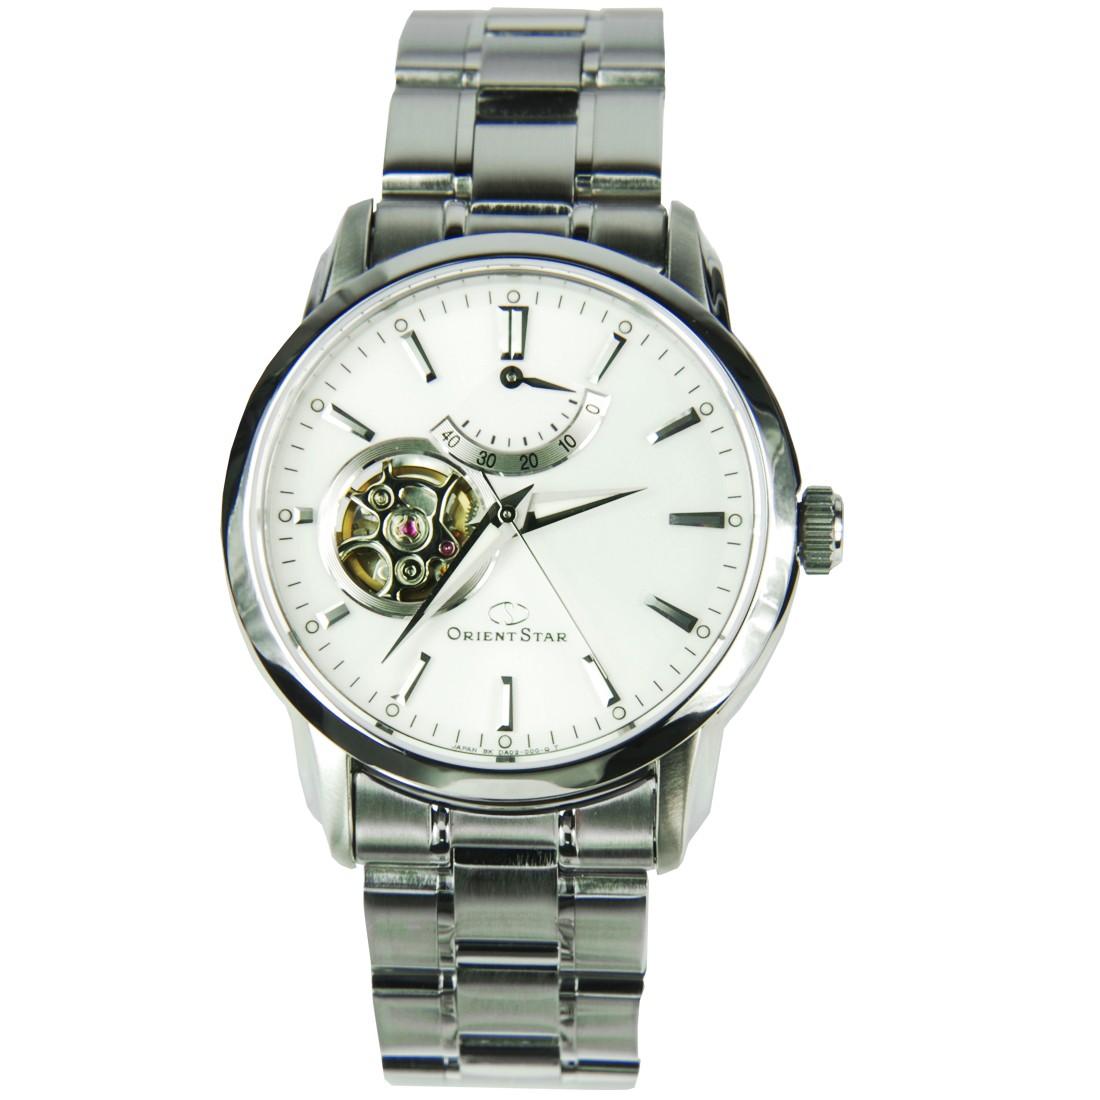 Интернет магазин наручных часов Купить часы в